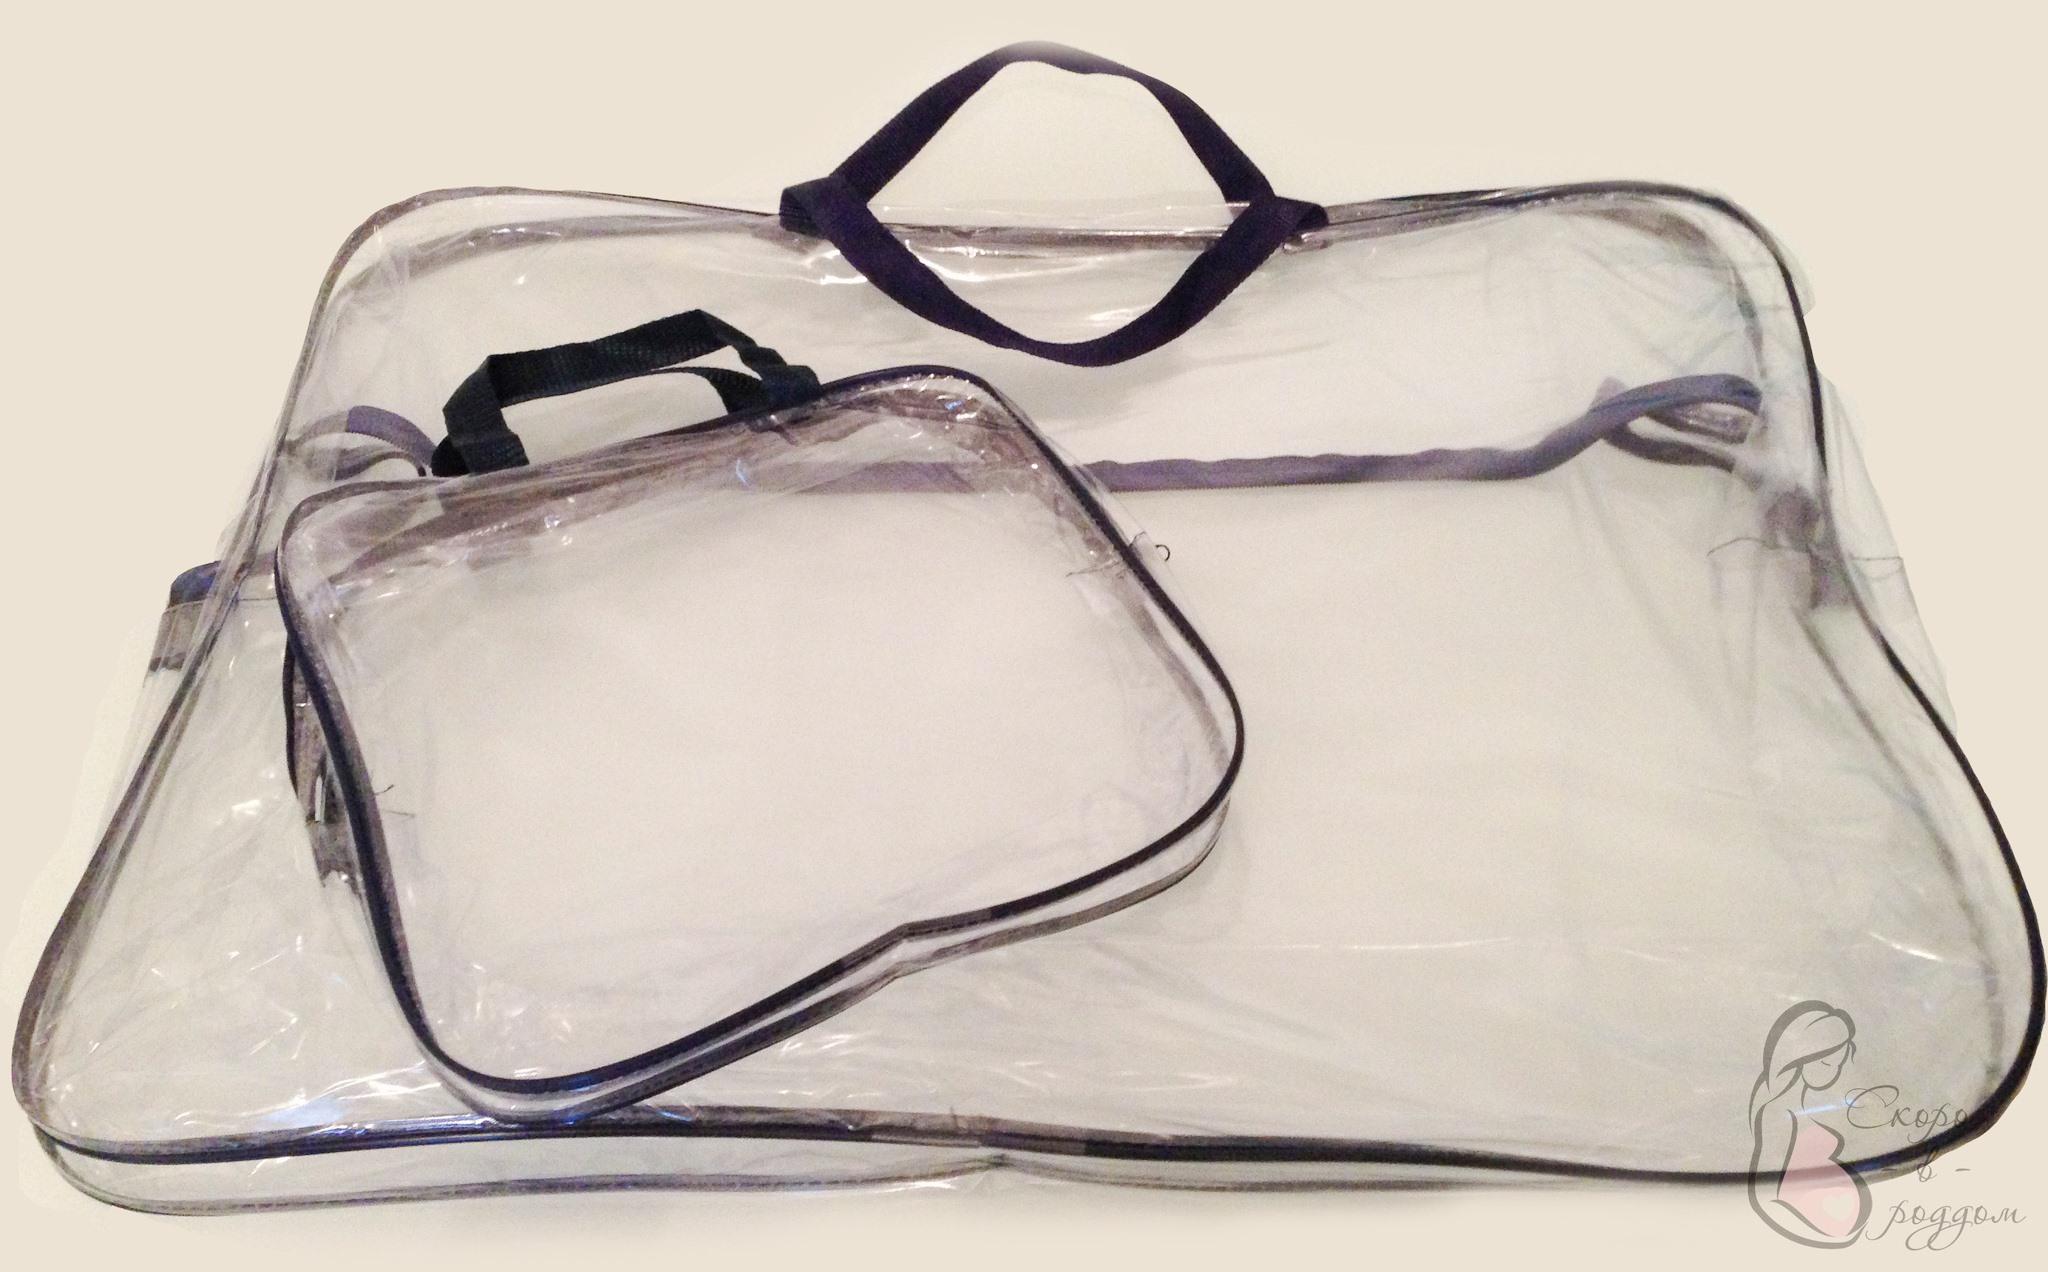 Купить сумки в роддом в Москве - сумки в роддом в